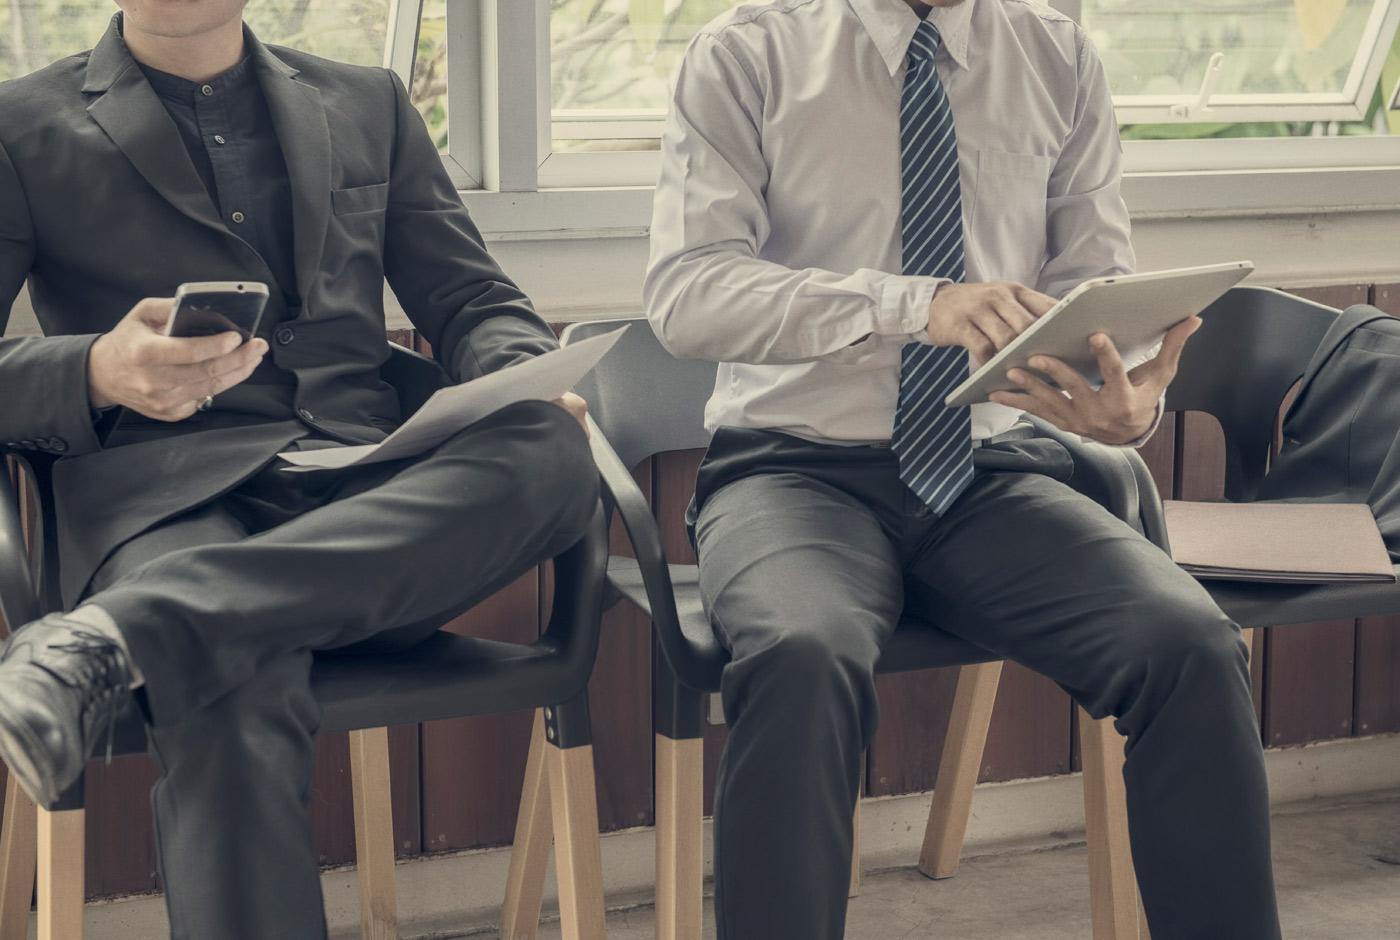 Bilde av to menn som sitter ved siden av hverandre. Det er ikke mulig å se ansiktene deres. De er ikledd dress og det virker som om de venter på å bli kalt inn til intervju. Den ene mannen holder en mobil og et papir i hånden. Den andre mannen har tatt av seg dressjakka og holder en pad i hånden.